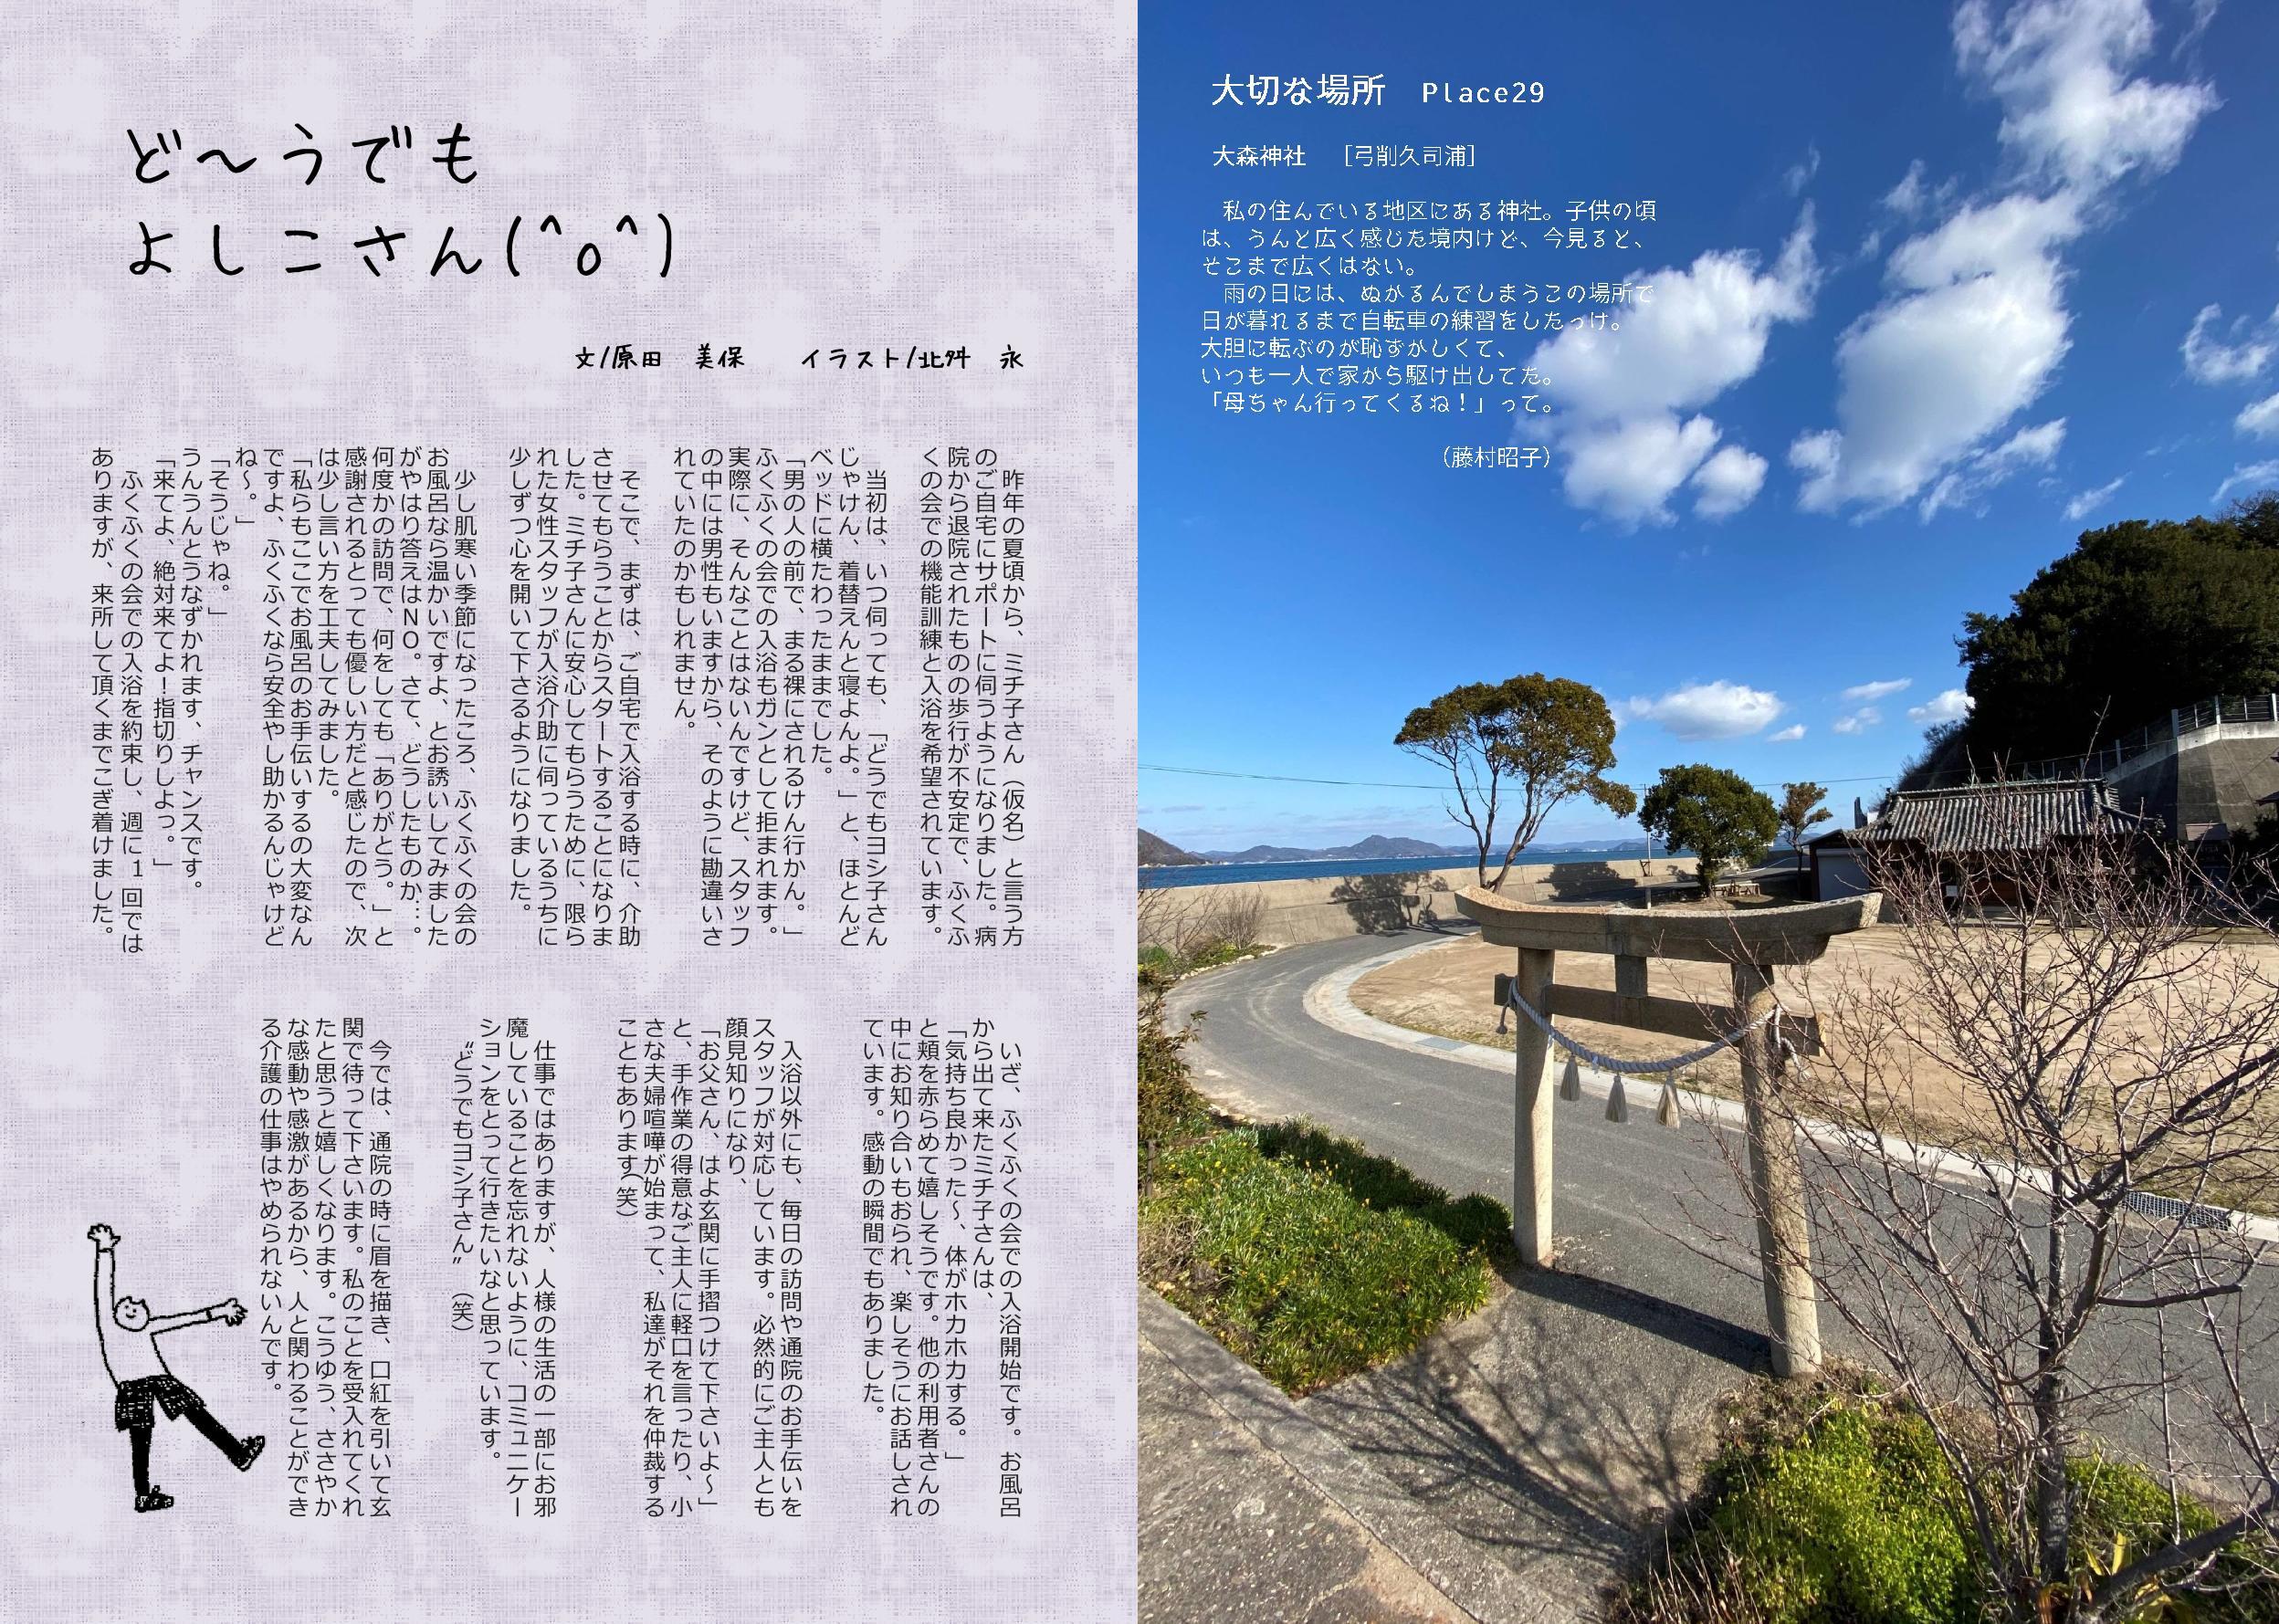 http://fukufukunokai.com/newsletter/images/2%E6%9C%88%E5%8F%B7_cropped_333333333.jpeg